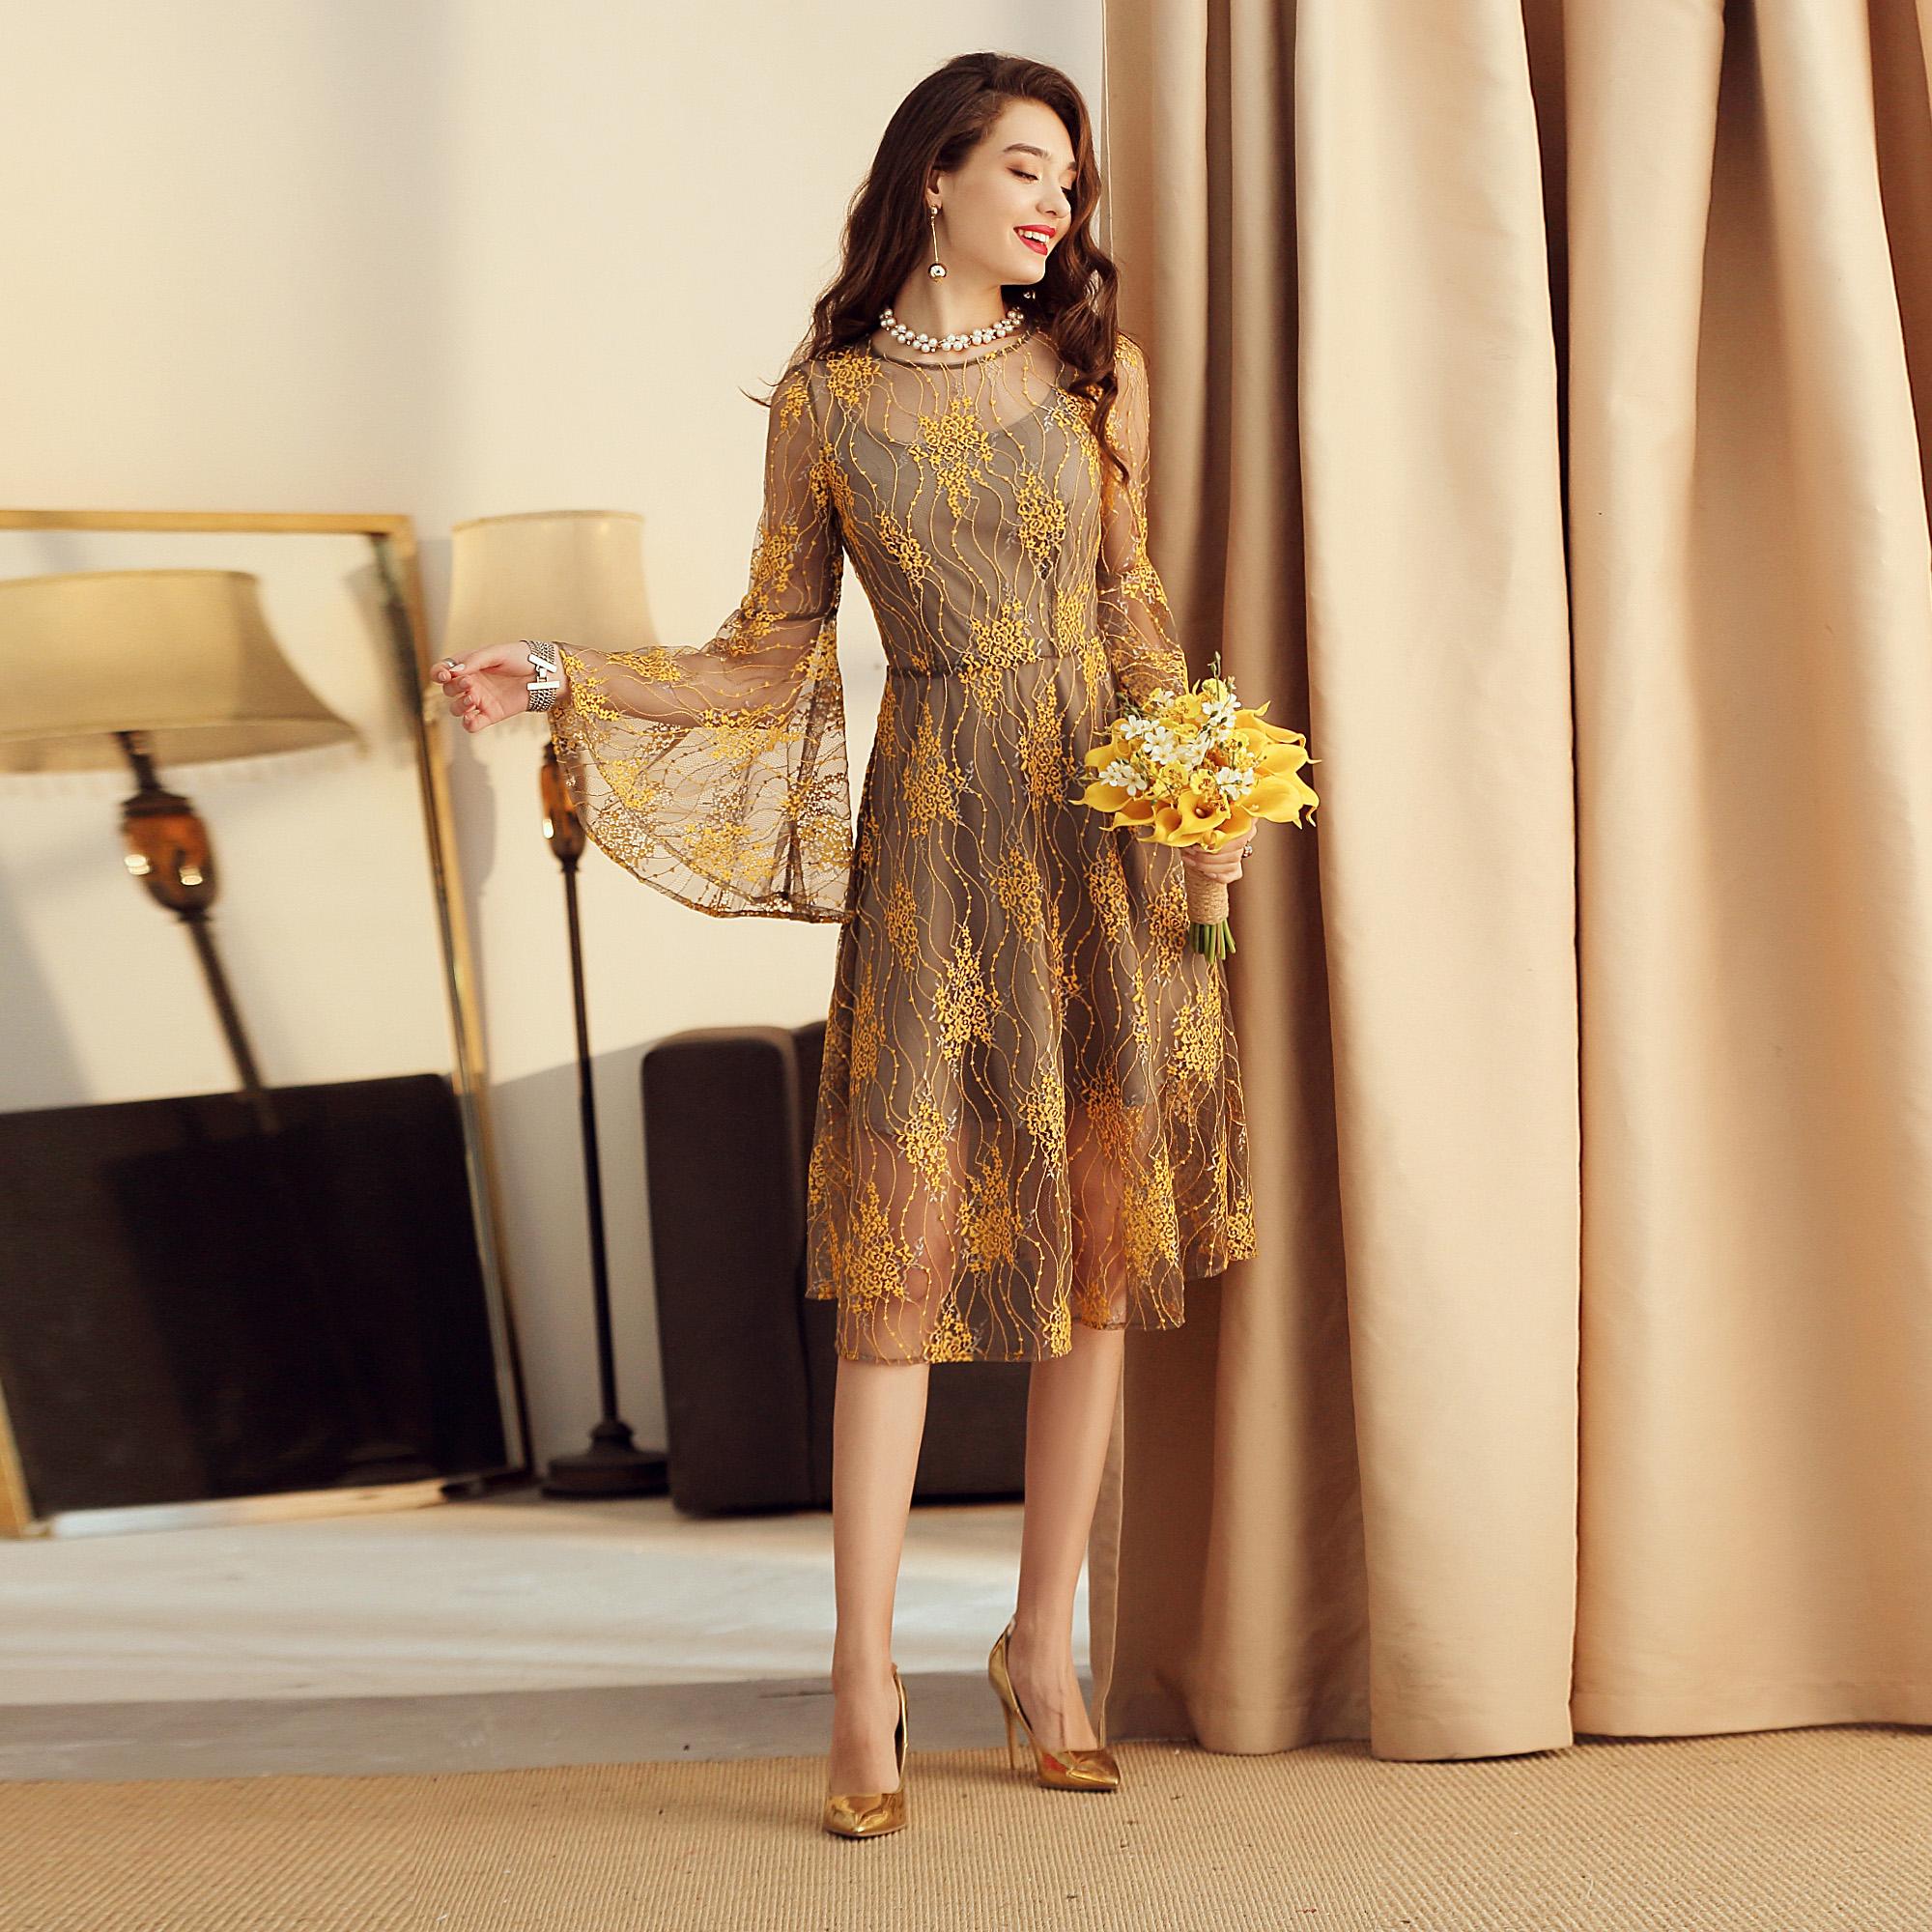 芭知彩夏新款法式高端气质喇叭袖收腰大摆蕾丝裙复古中长款连衣裙